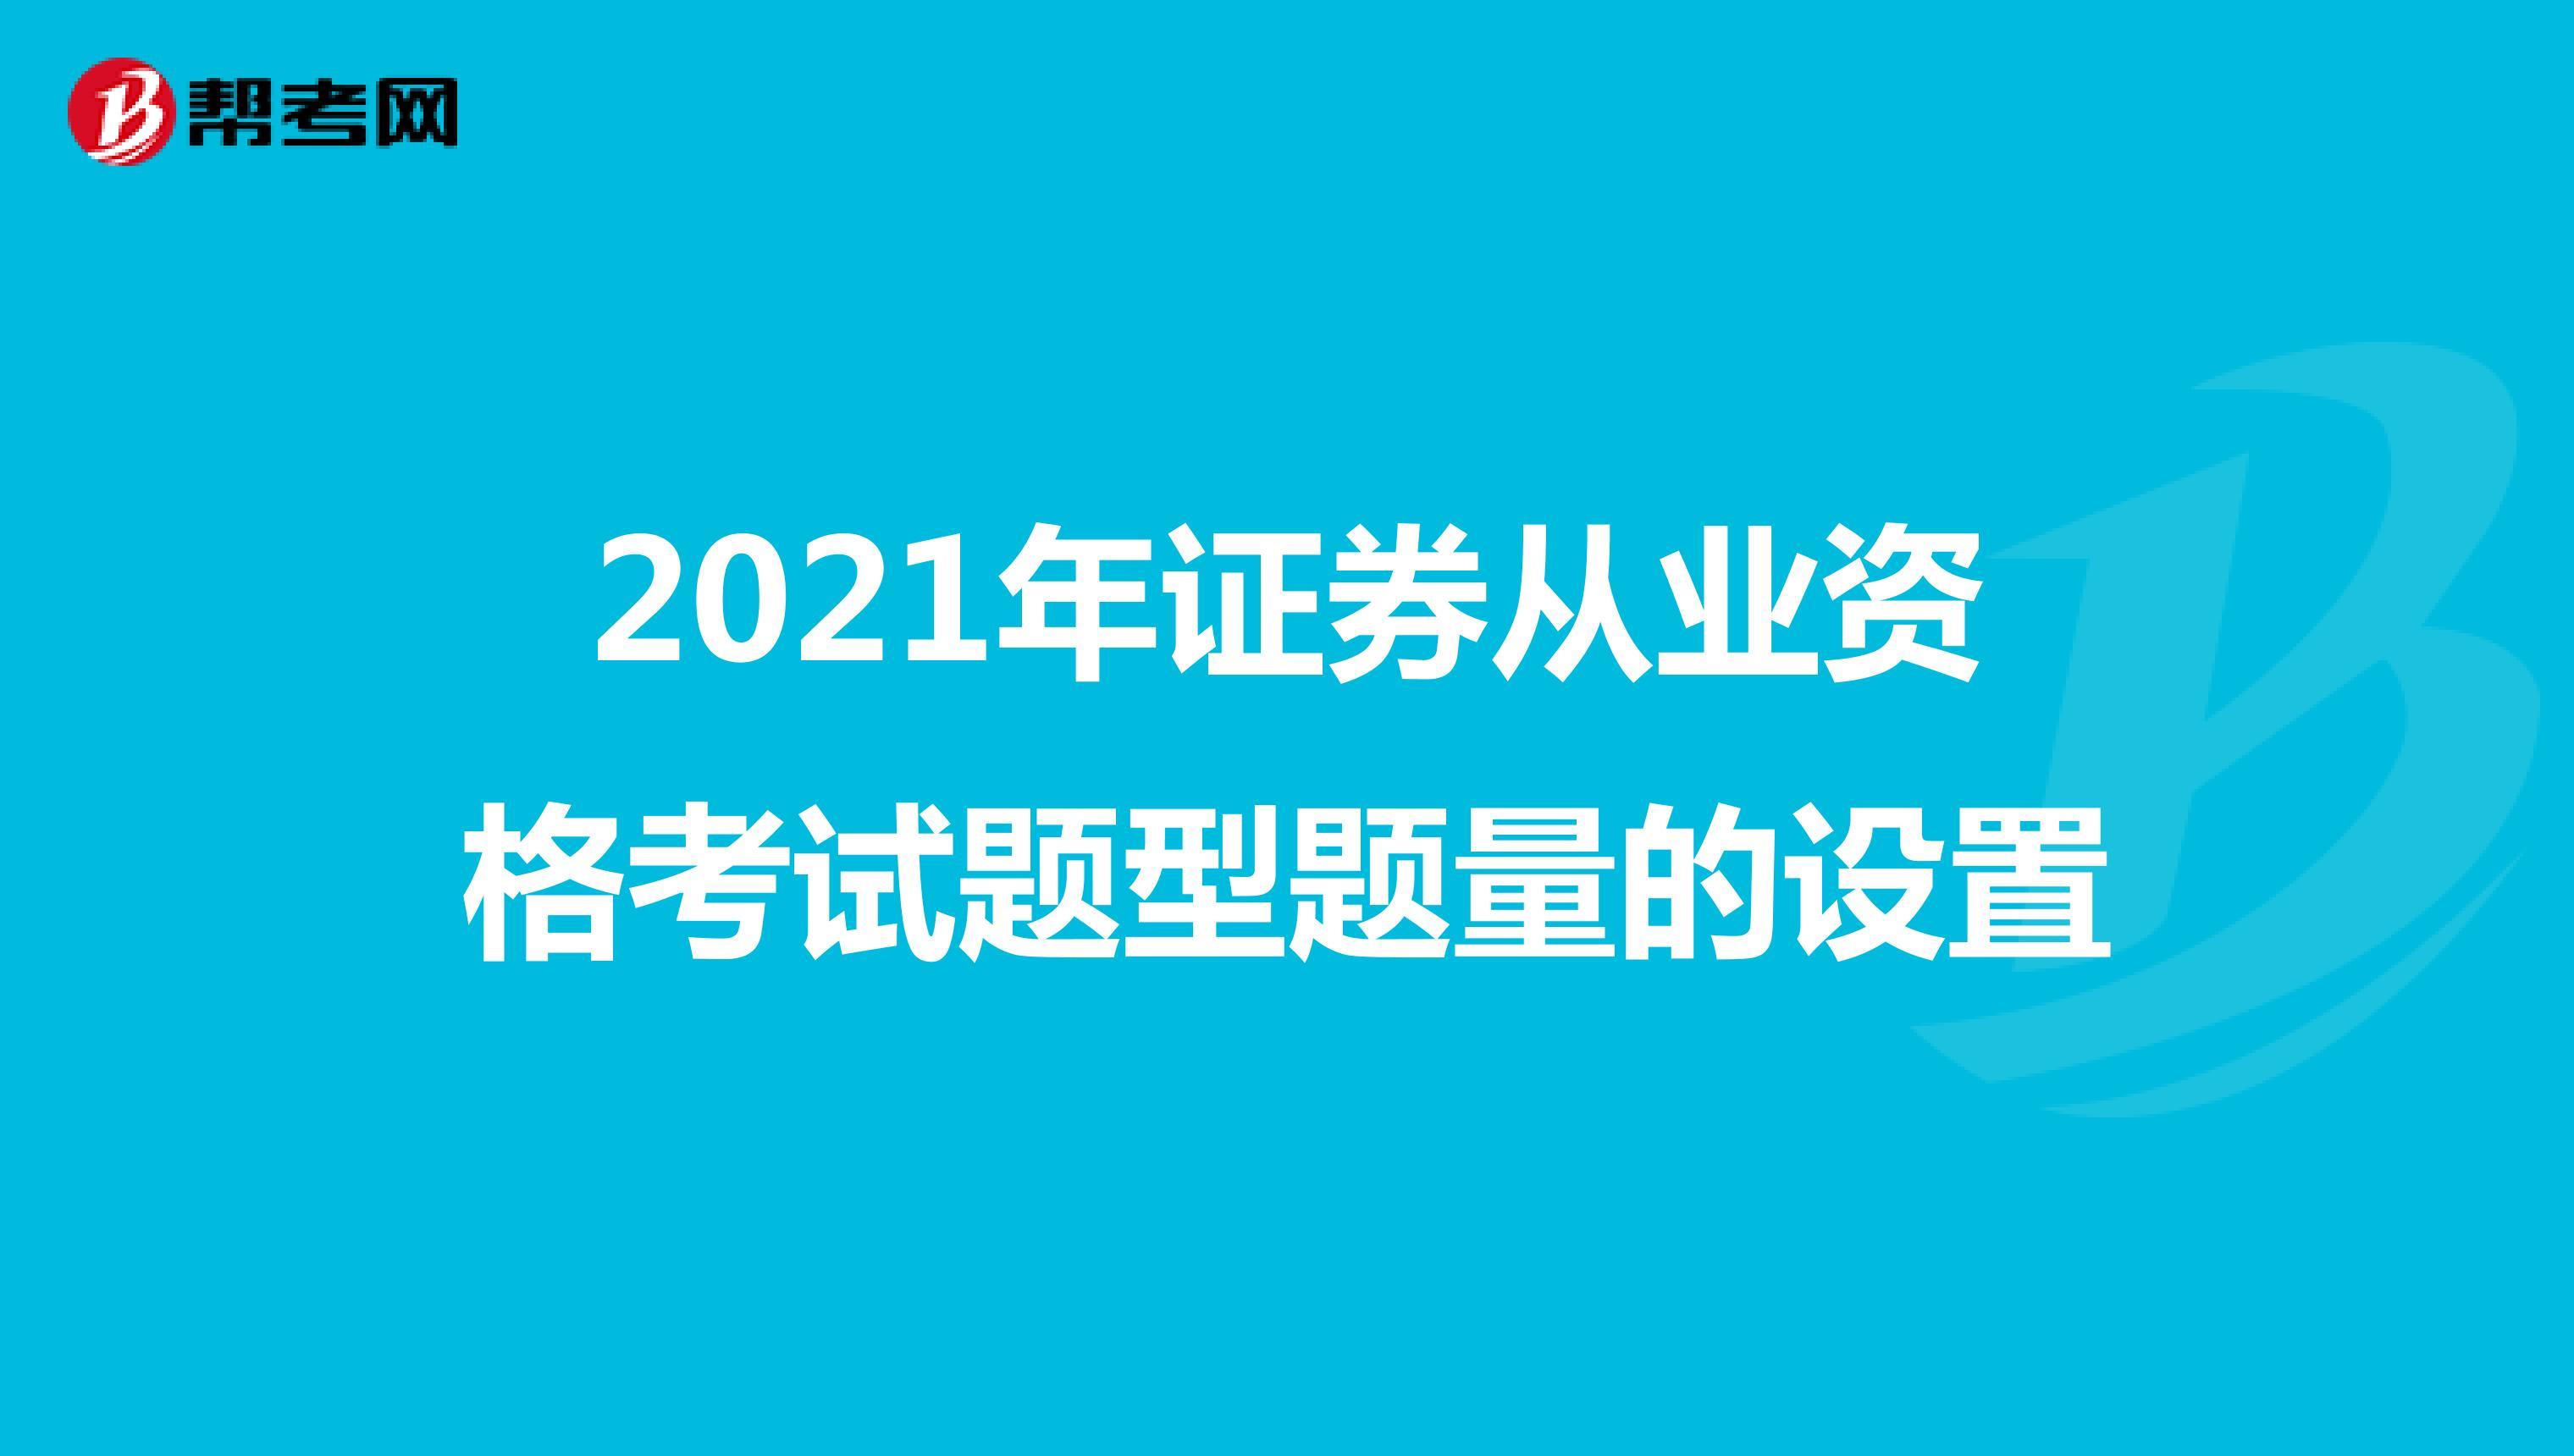 2021年證券從業資格考試題型題量的設置